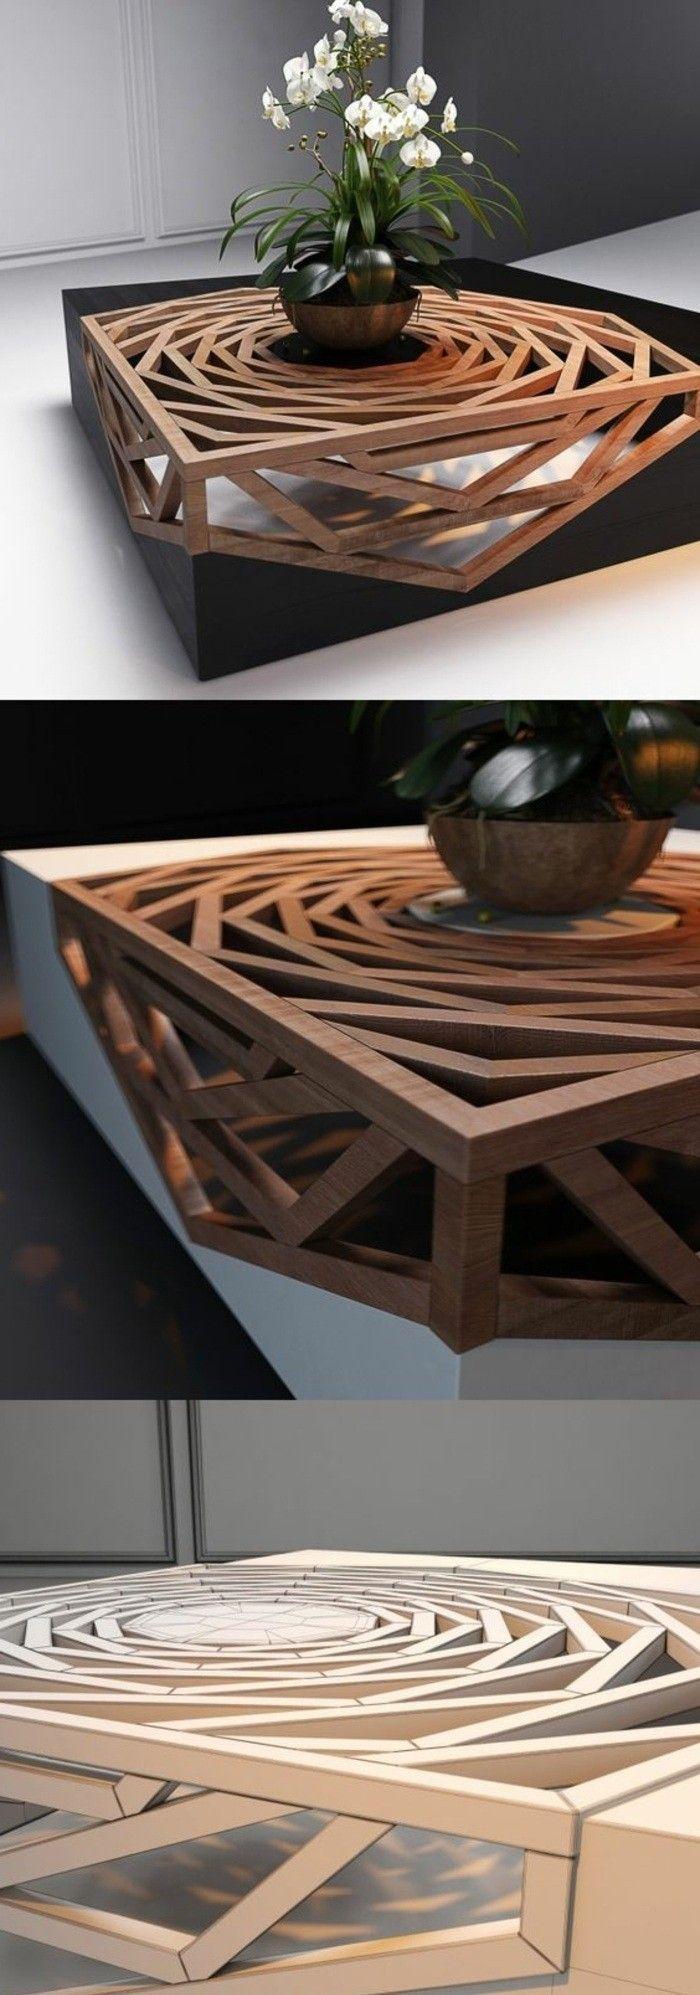 DIY Möbel: Ideen und Vorschläge, die Sie inspirieren können #holztisch